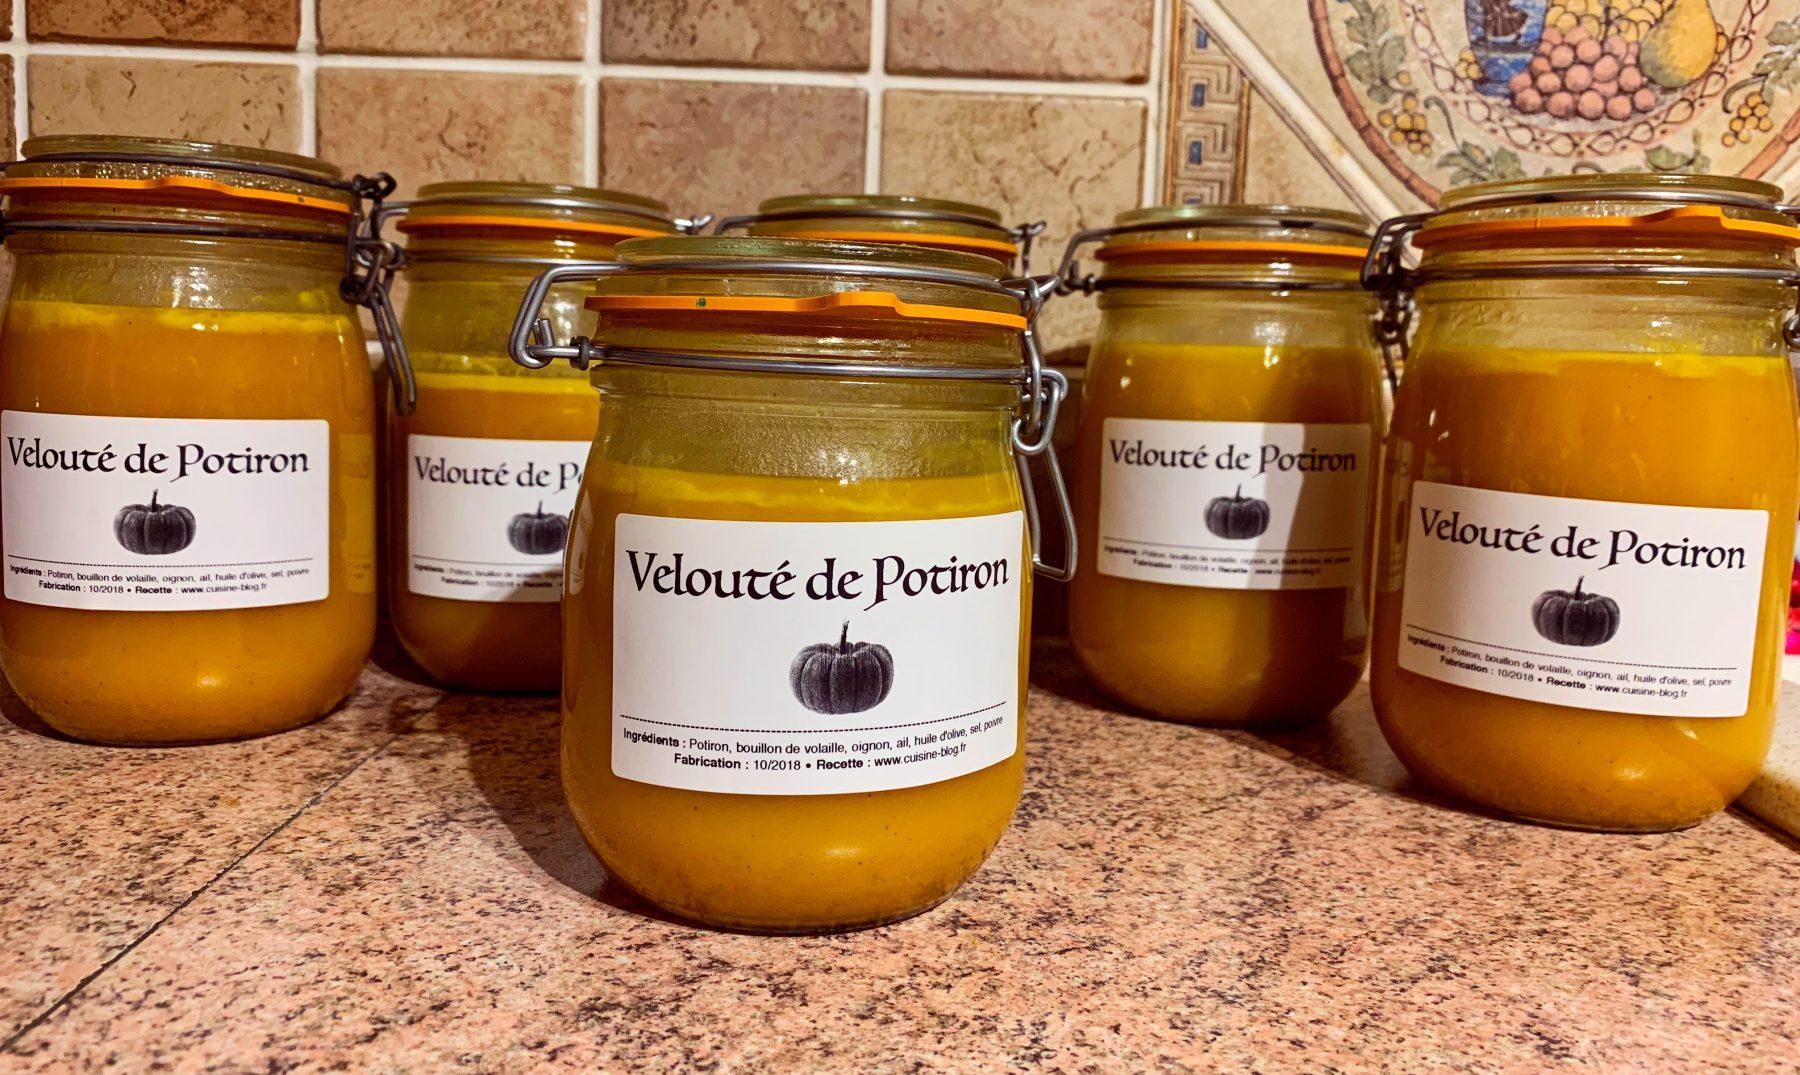 IMG 5028 - Velouté de Courge / Potiron